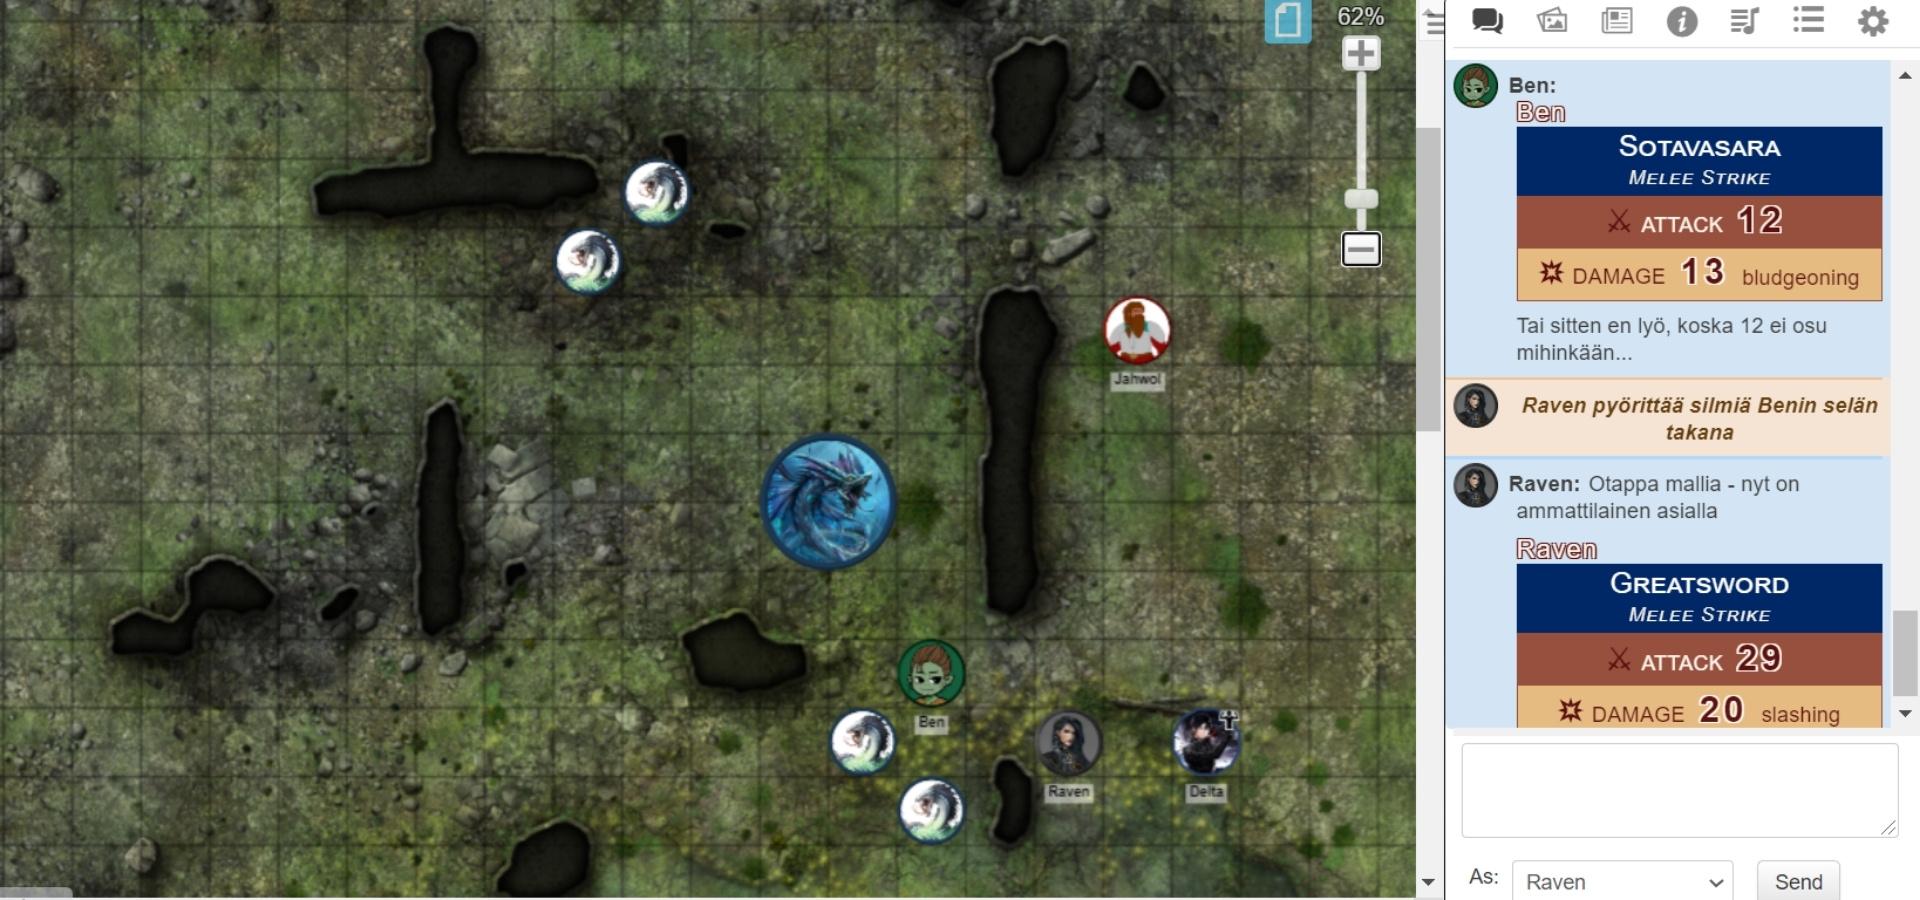 Roll20 käytössä. Kartta, jolle on aseteltuna hahmojen tokenit sekä chat-ikkuna